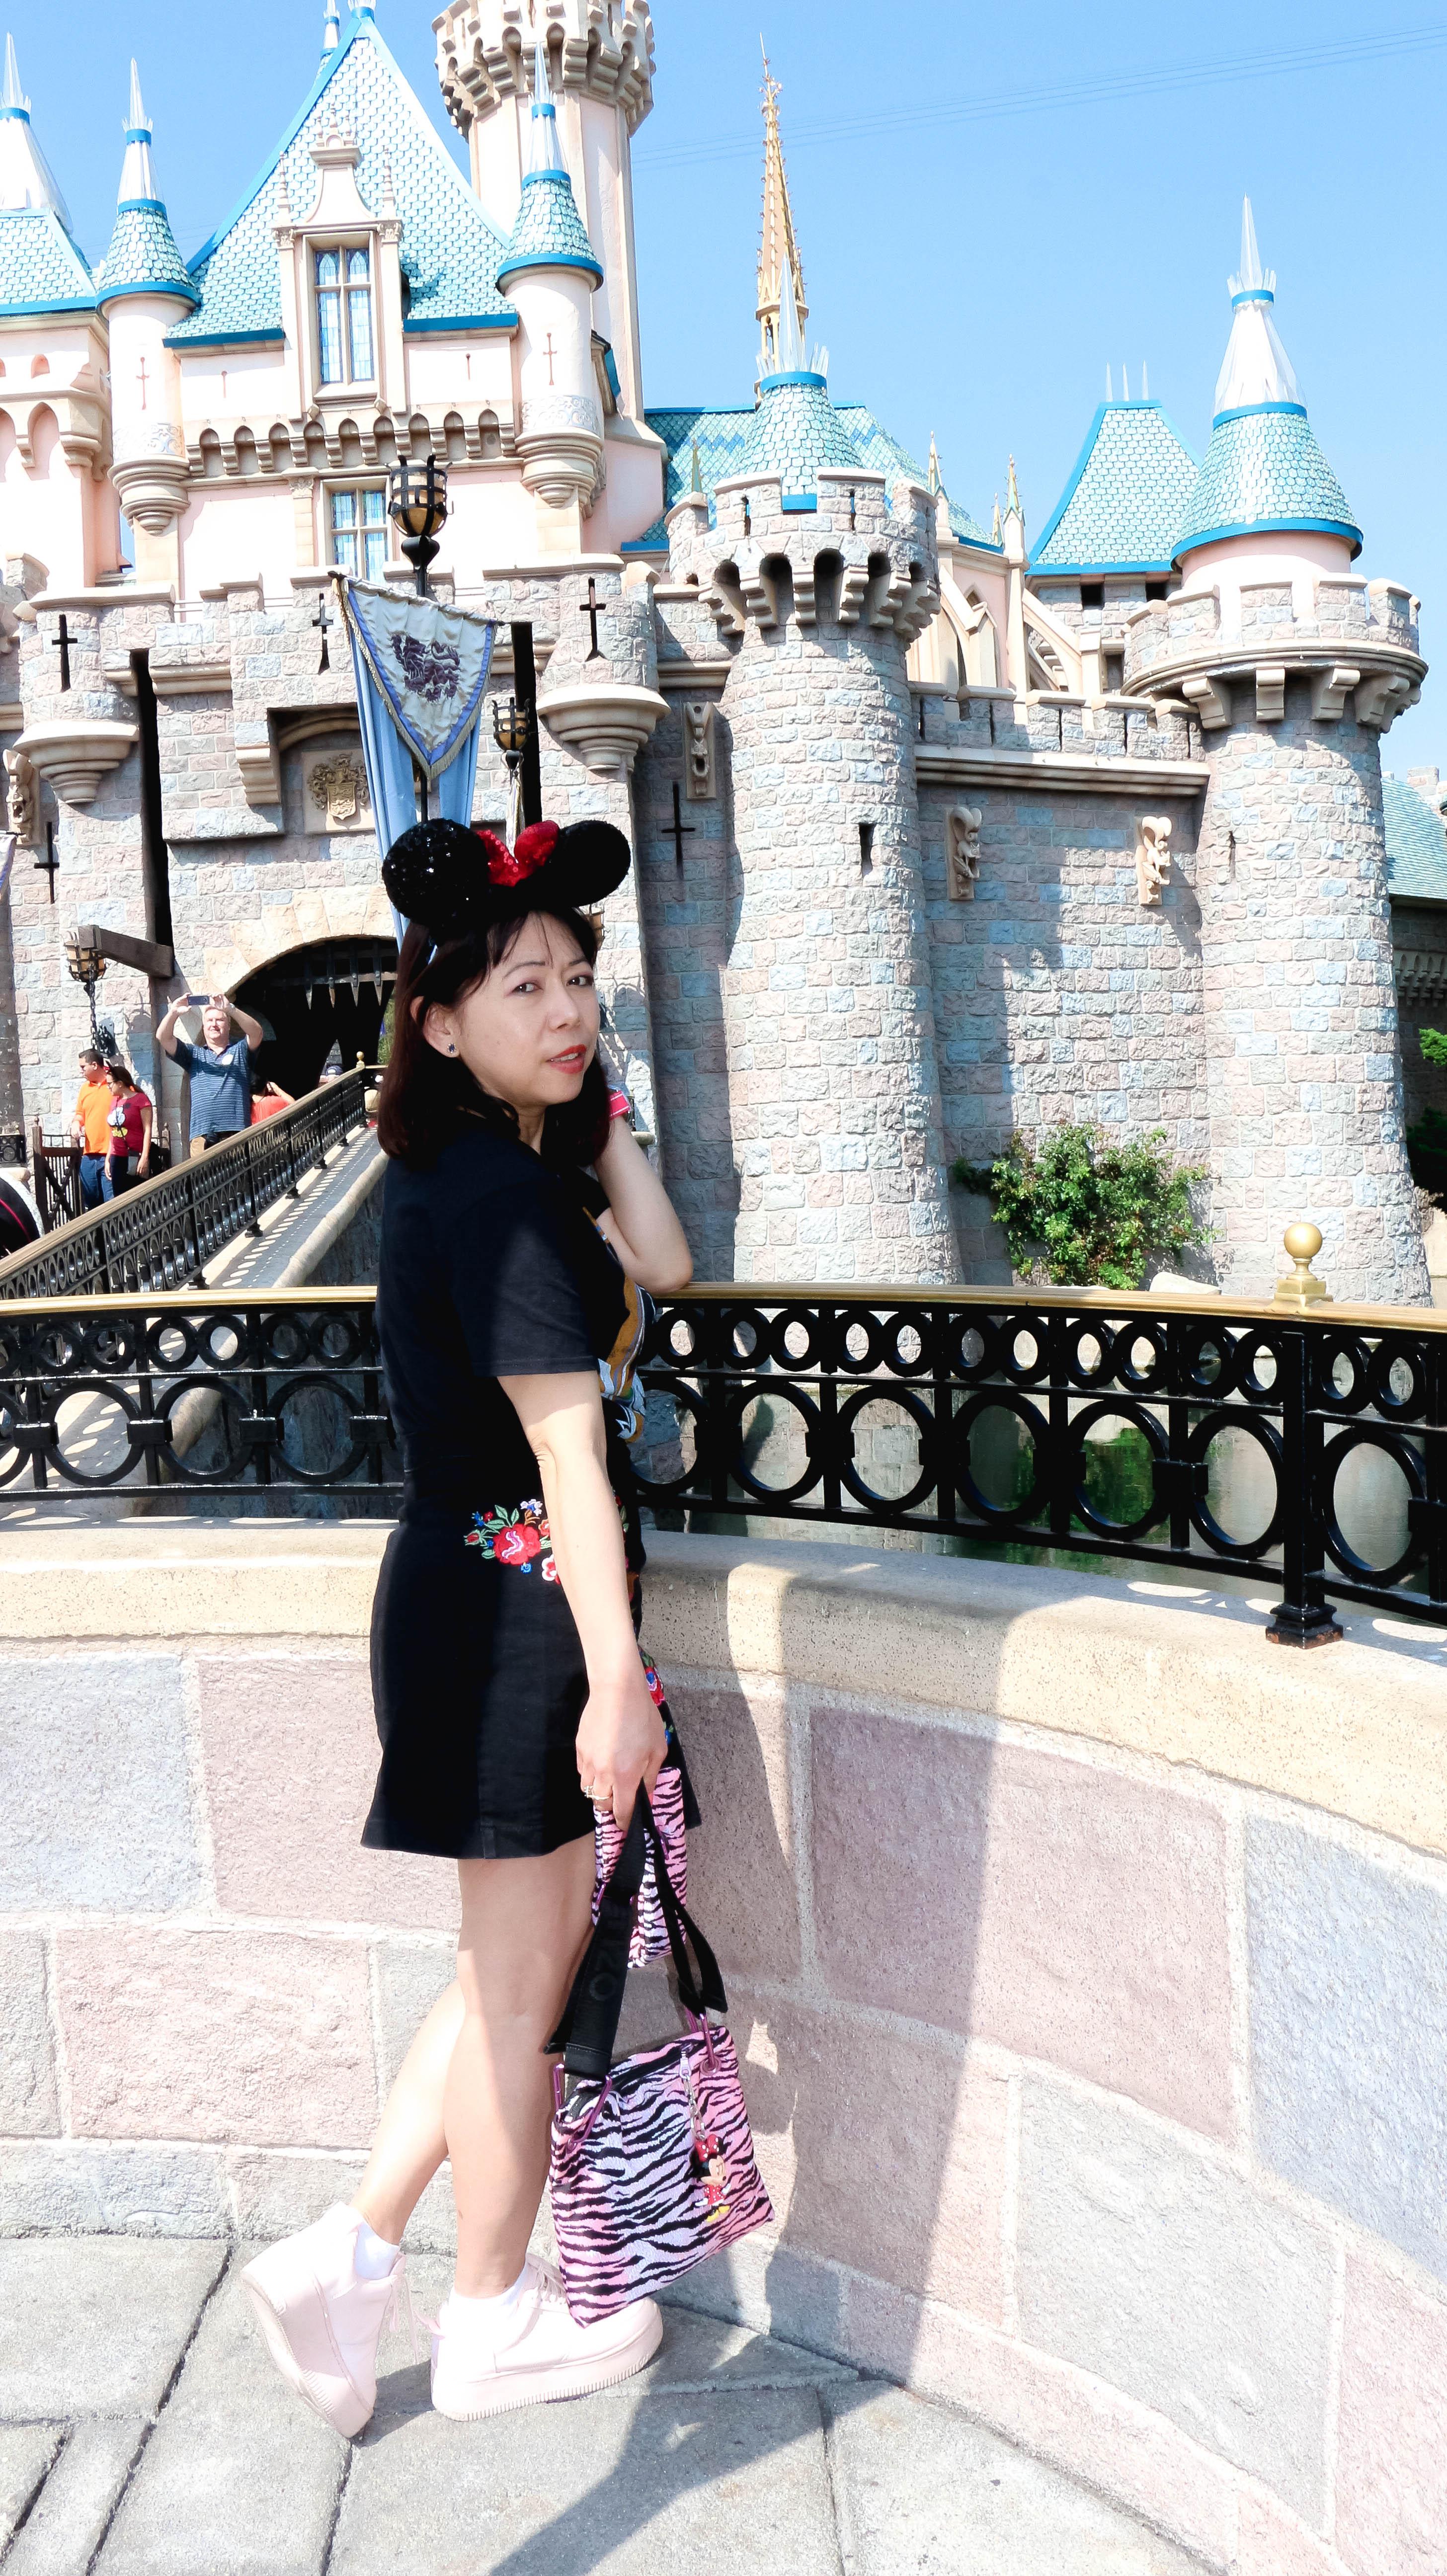 Disneyland Castle Anaheim